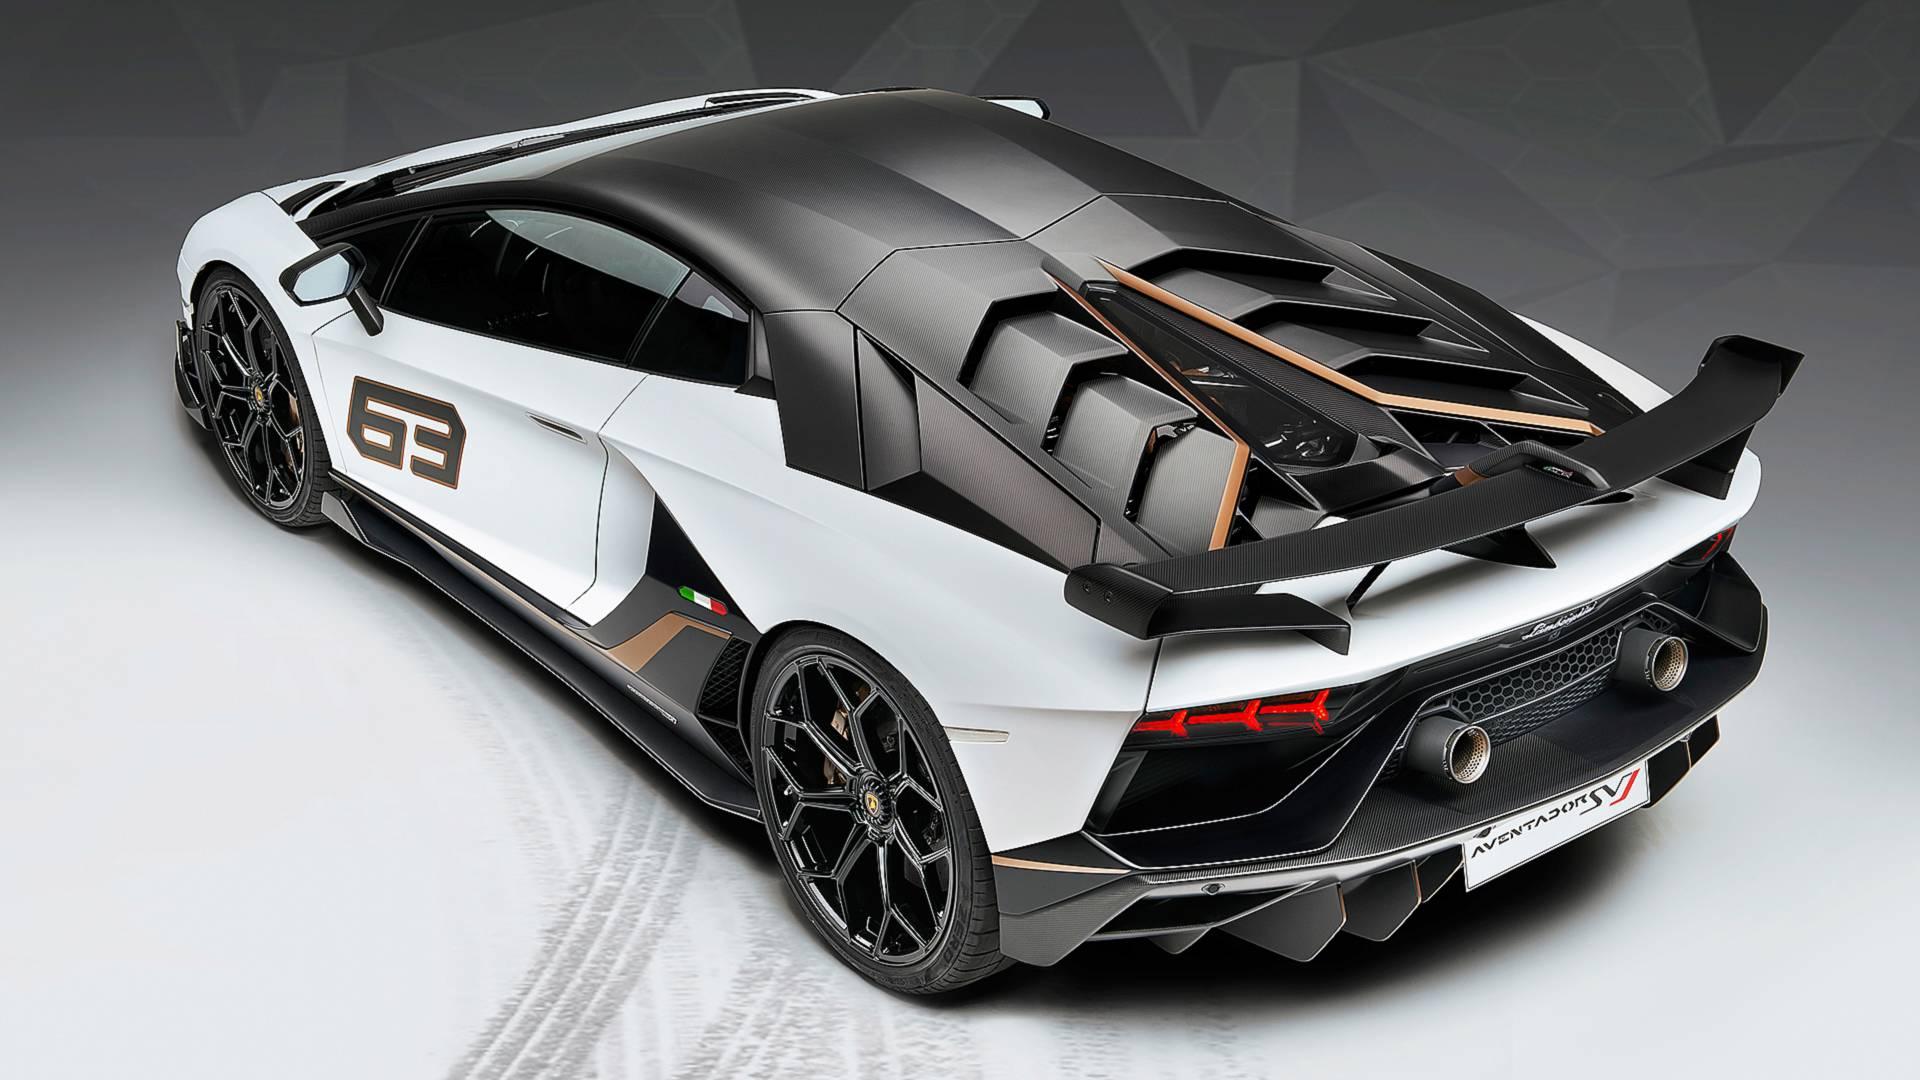 Lamborghini prepara un superdeportivo enfocado en la aerodinámica: ¡primera información!